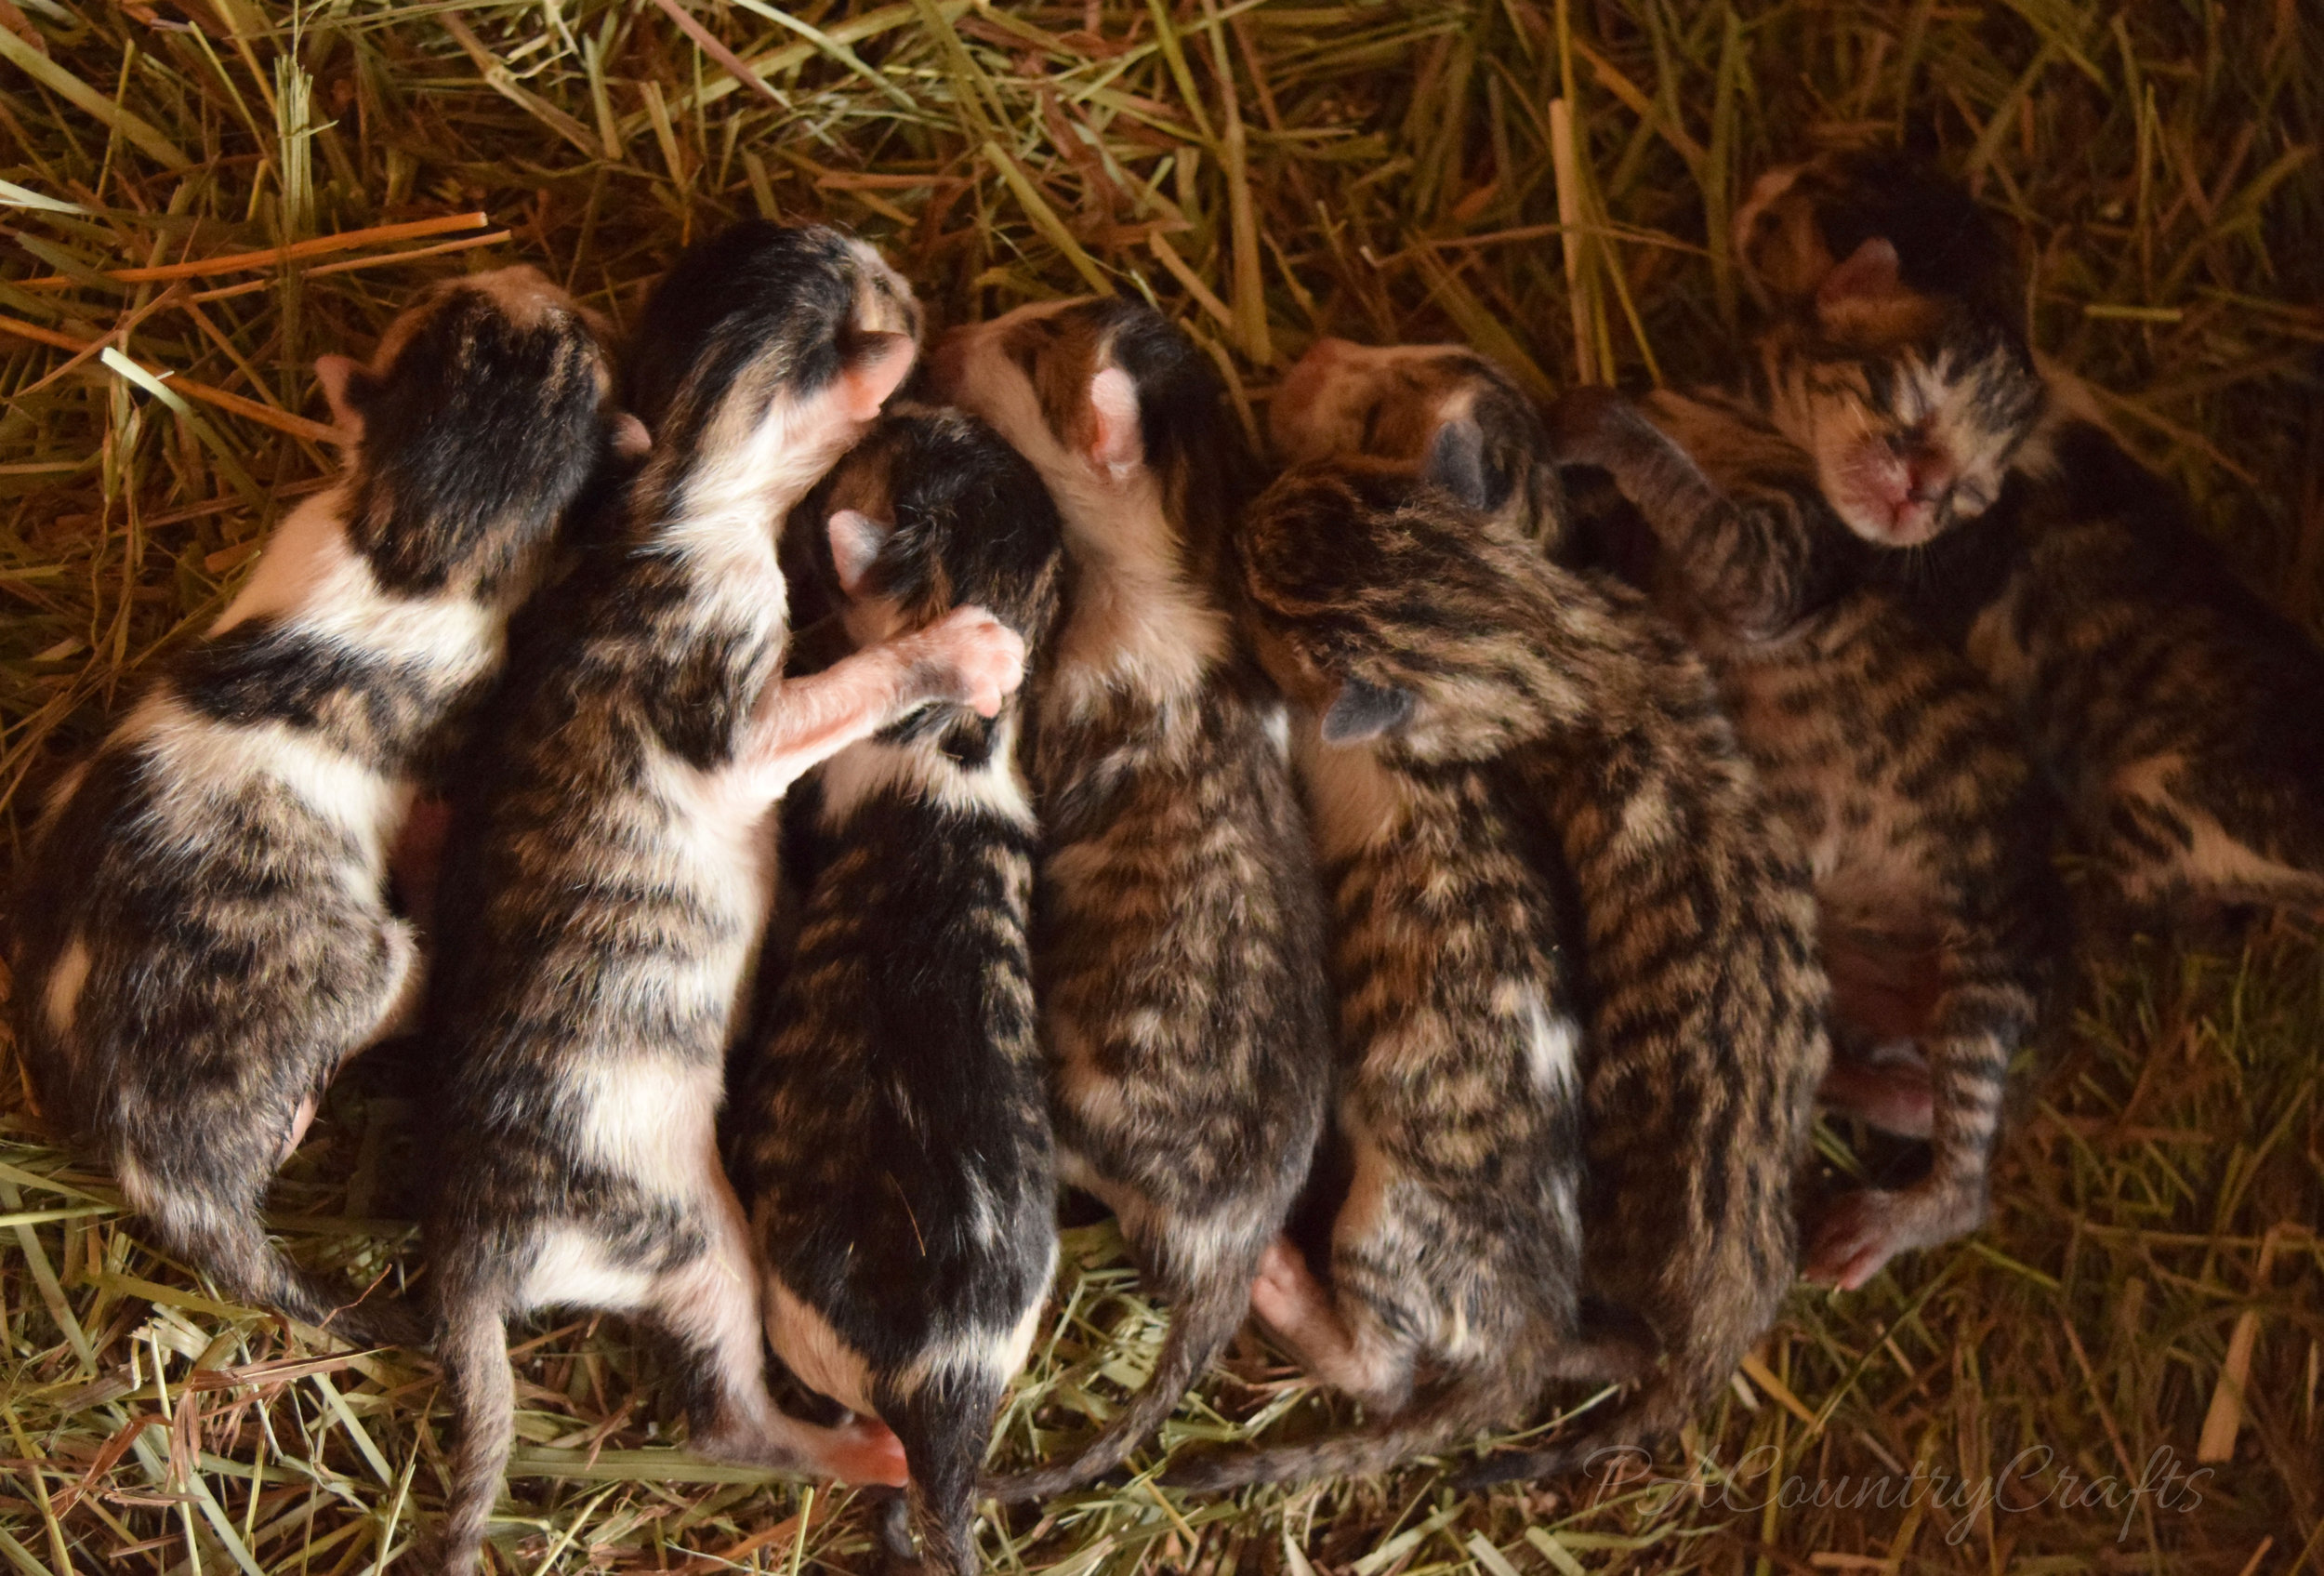 litter of 8 kittens